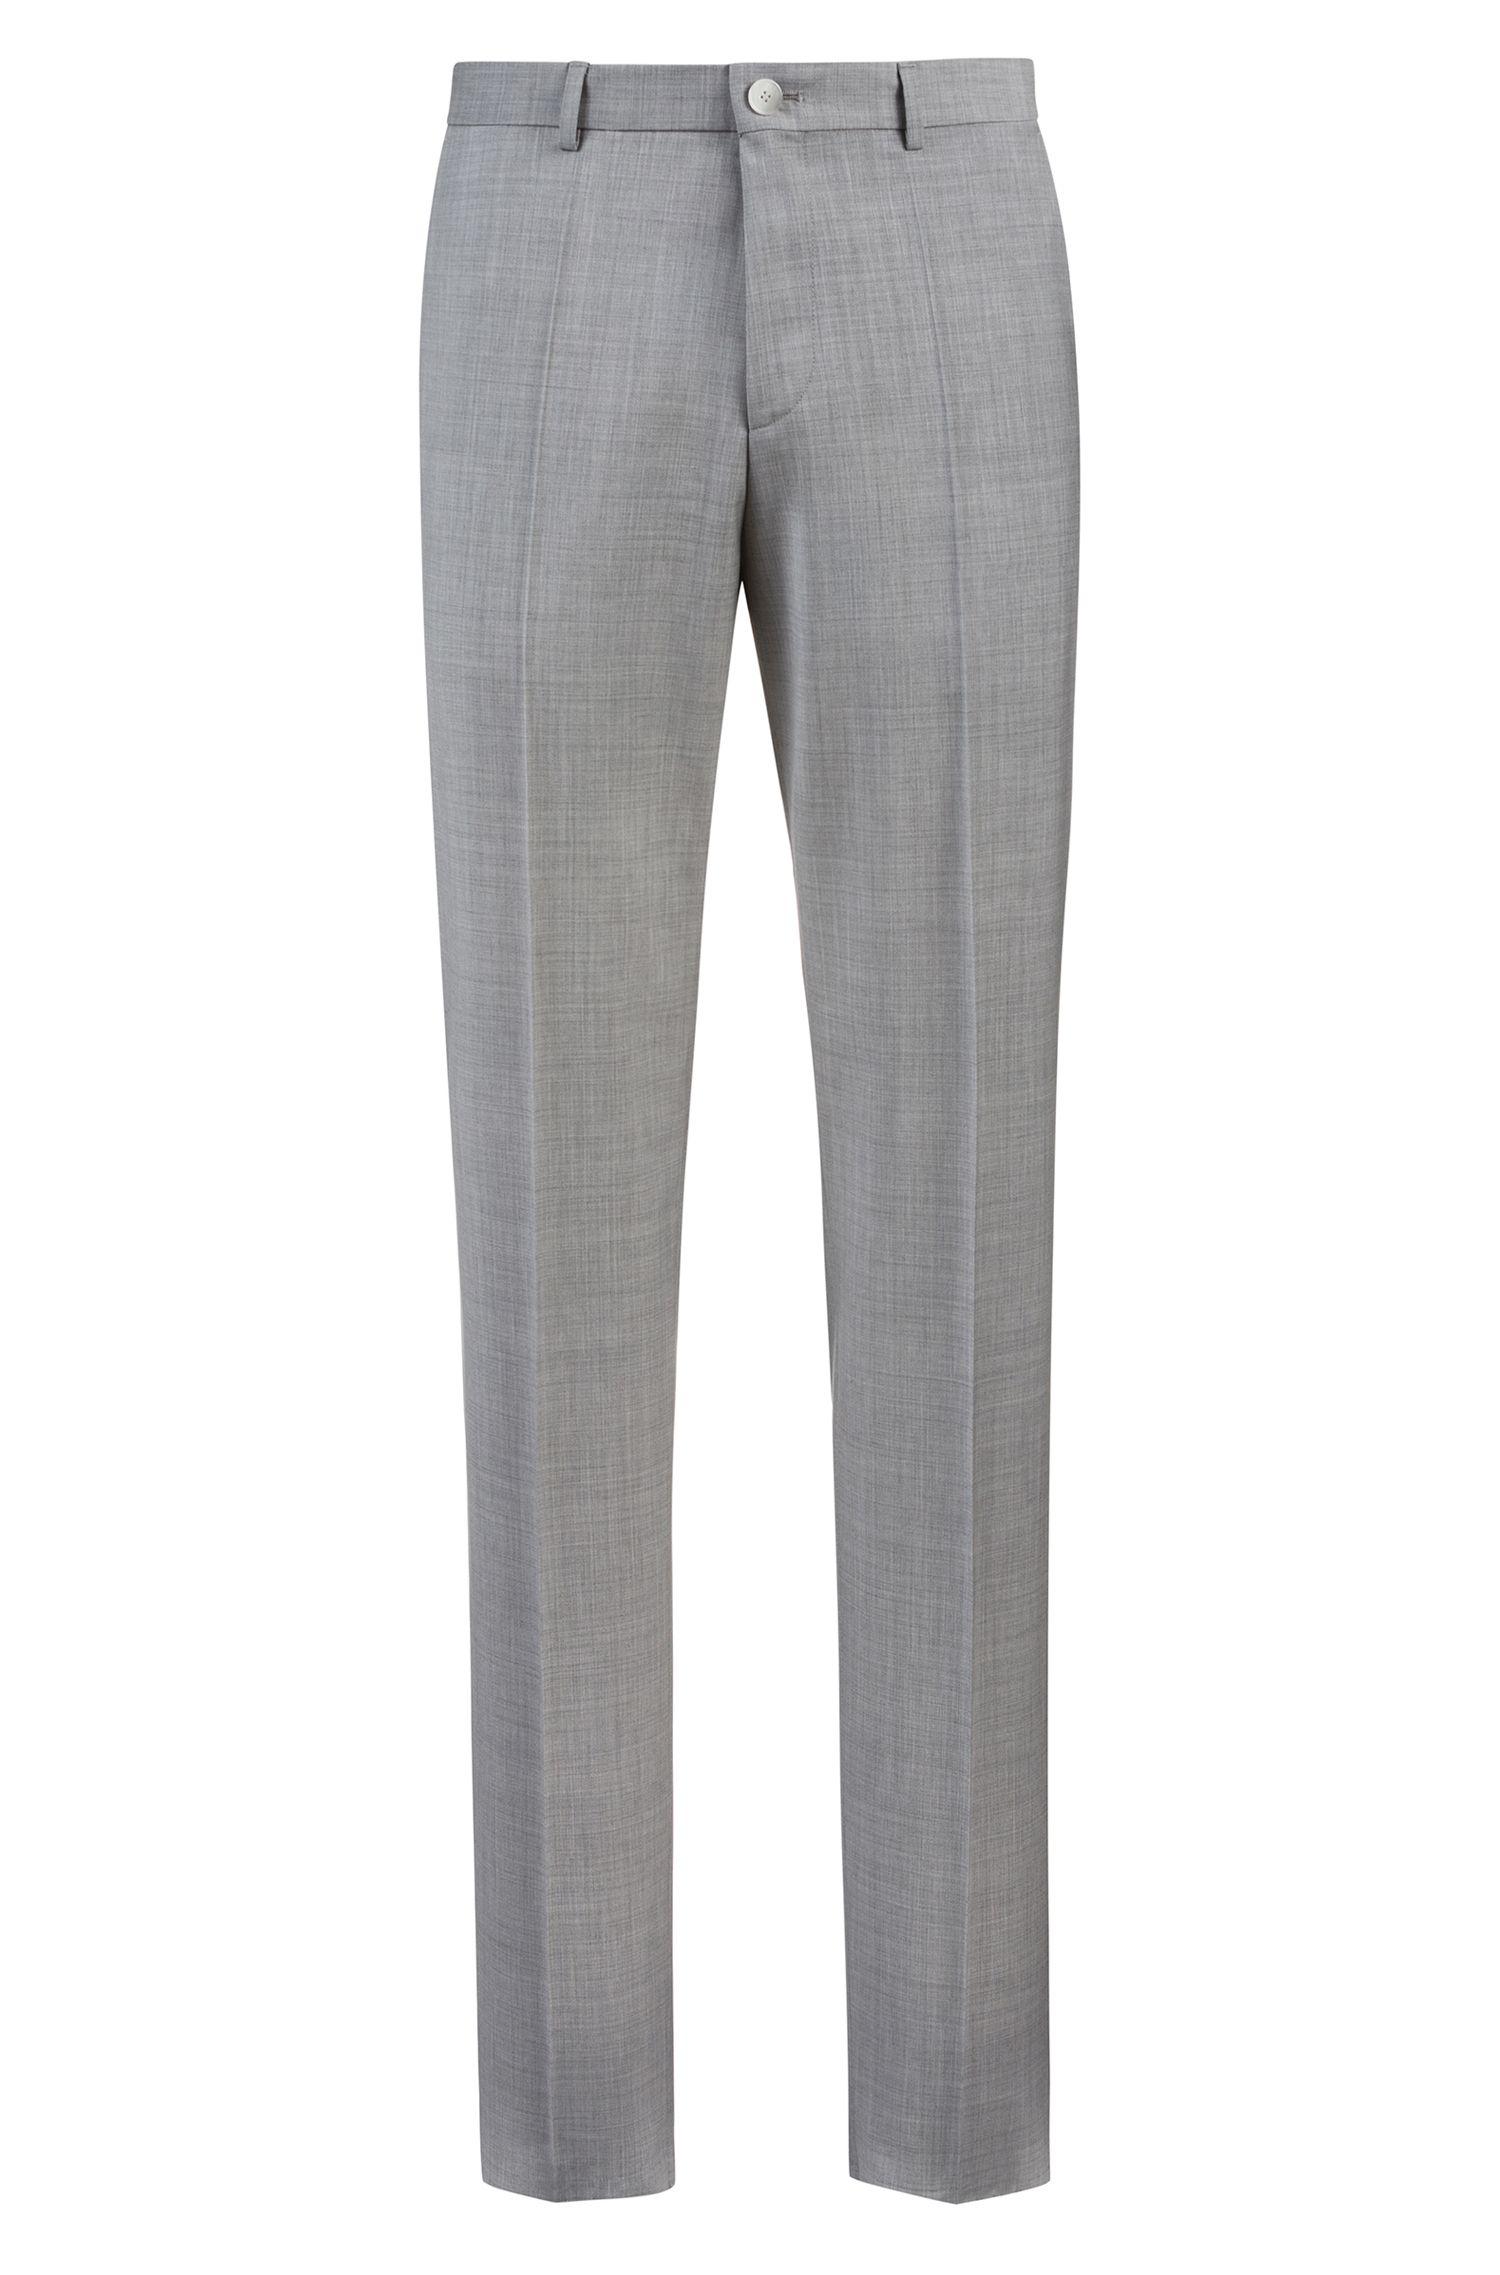 Extra-slim-fit pants in patterned virgin wool, Grey